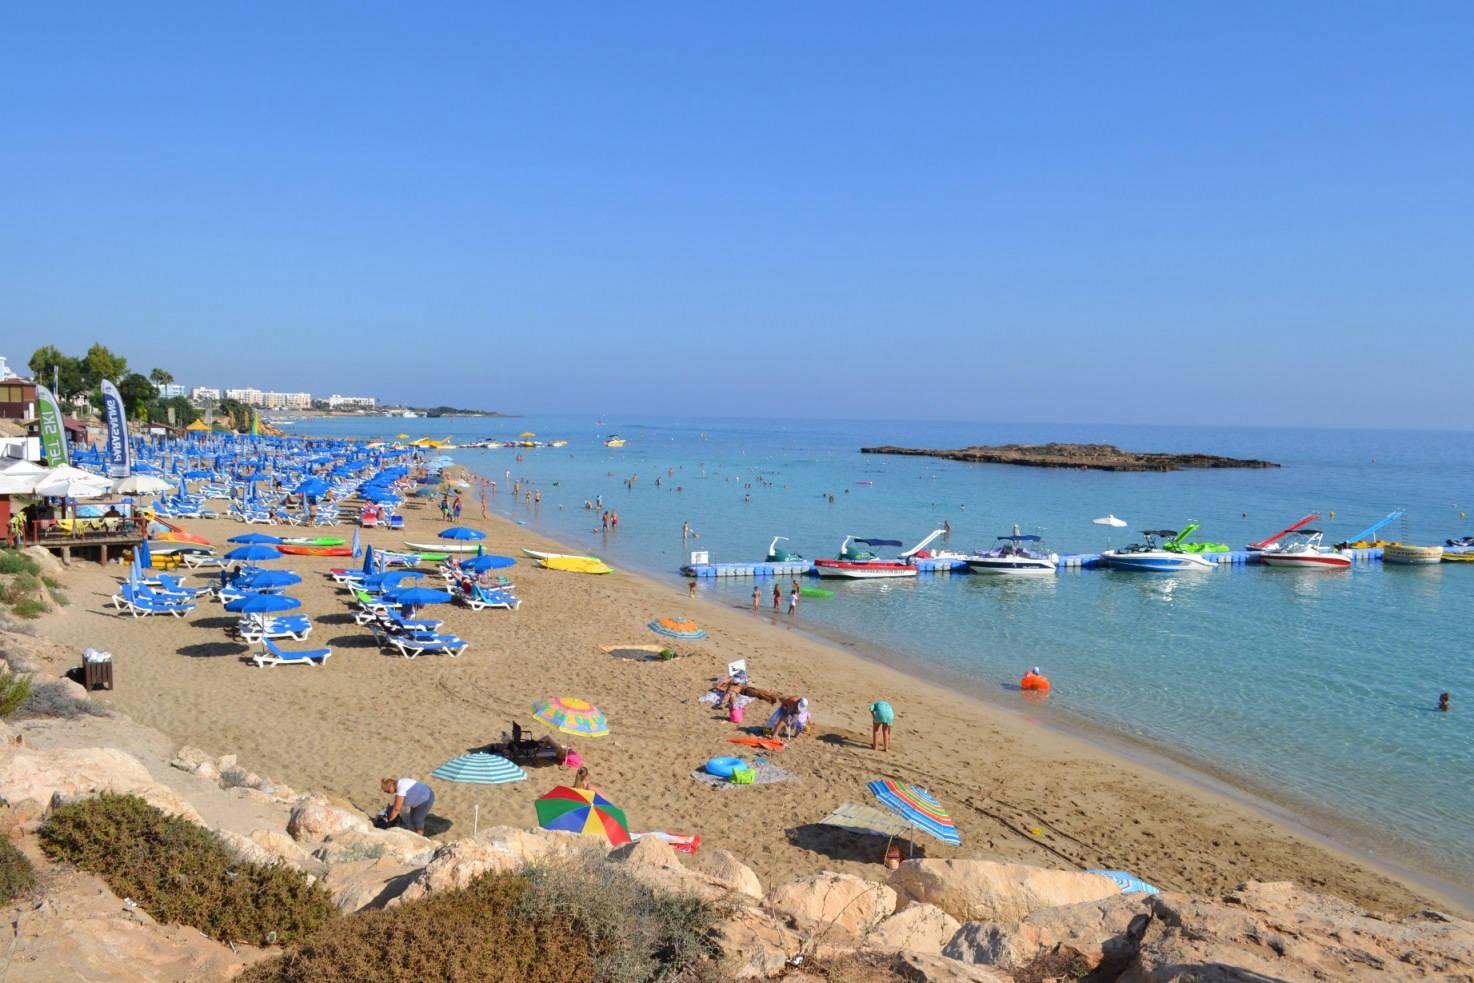 организациях ип, пляж фигового дерева фото показывает, что проект